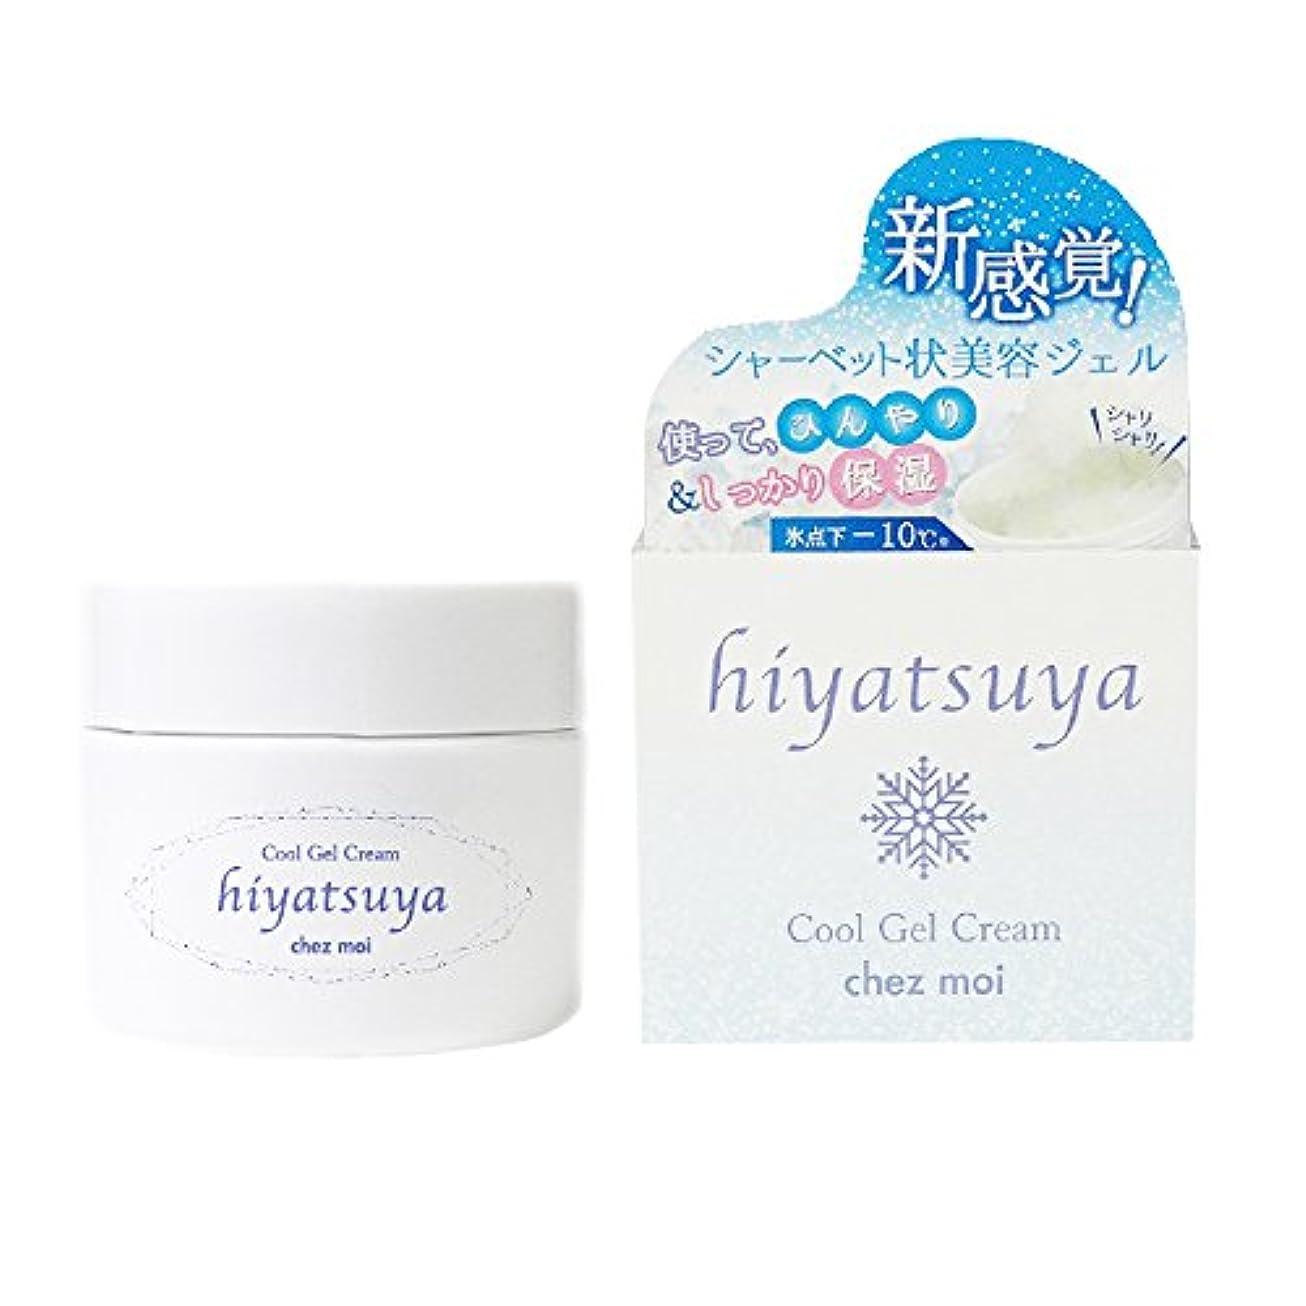 踏みつけ芸術的タイマーシェモア hiyatsuya(ヒヤツヤ) cool gel cream 70g